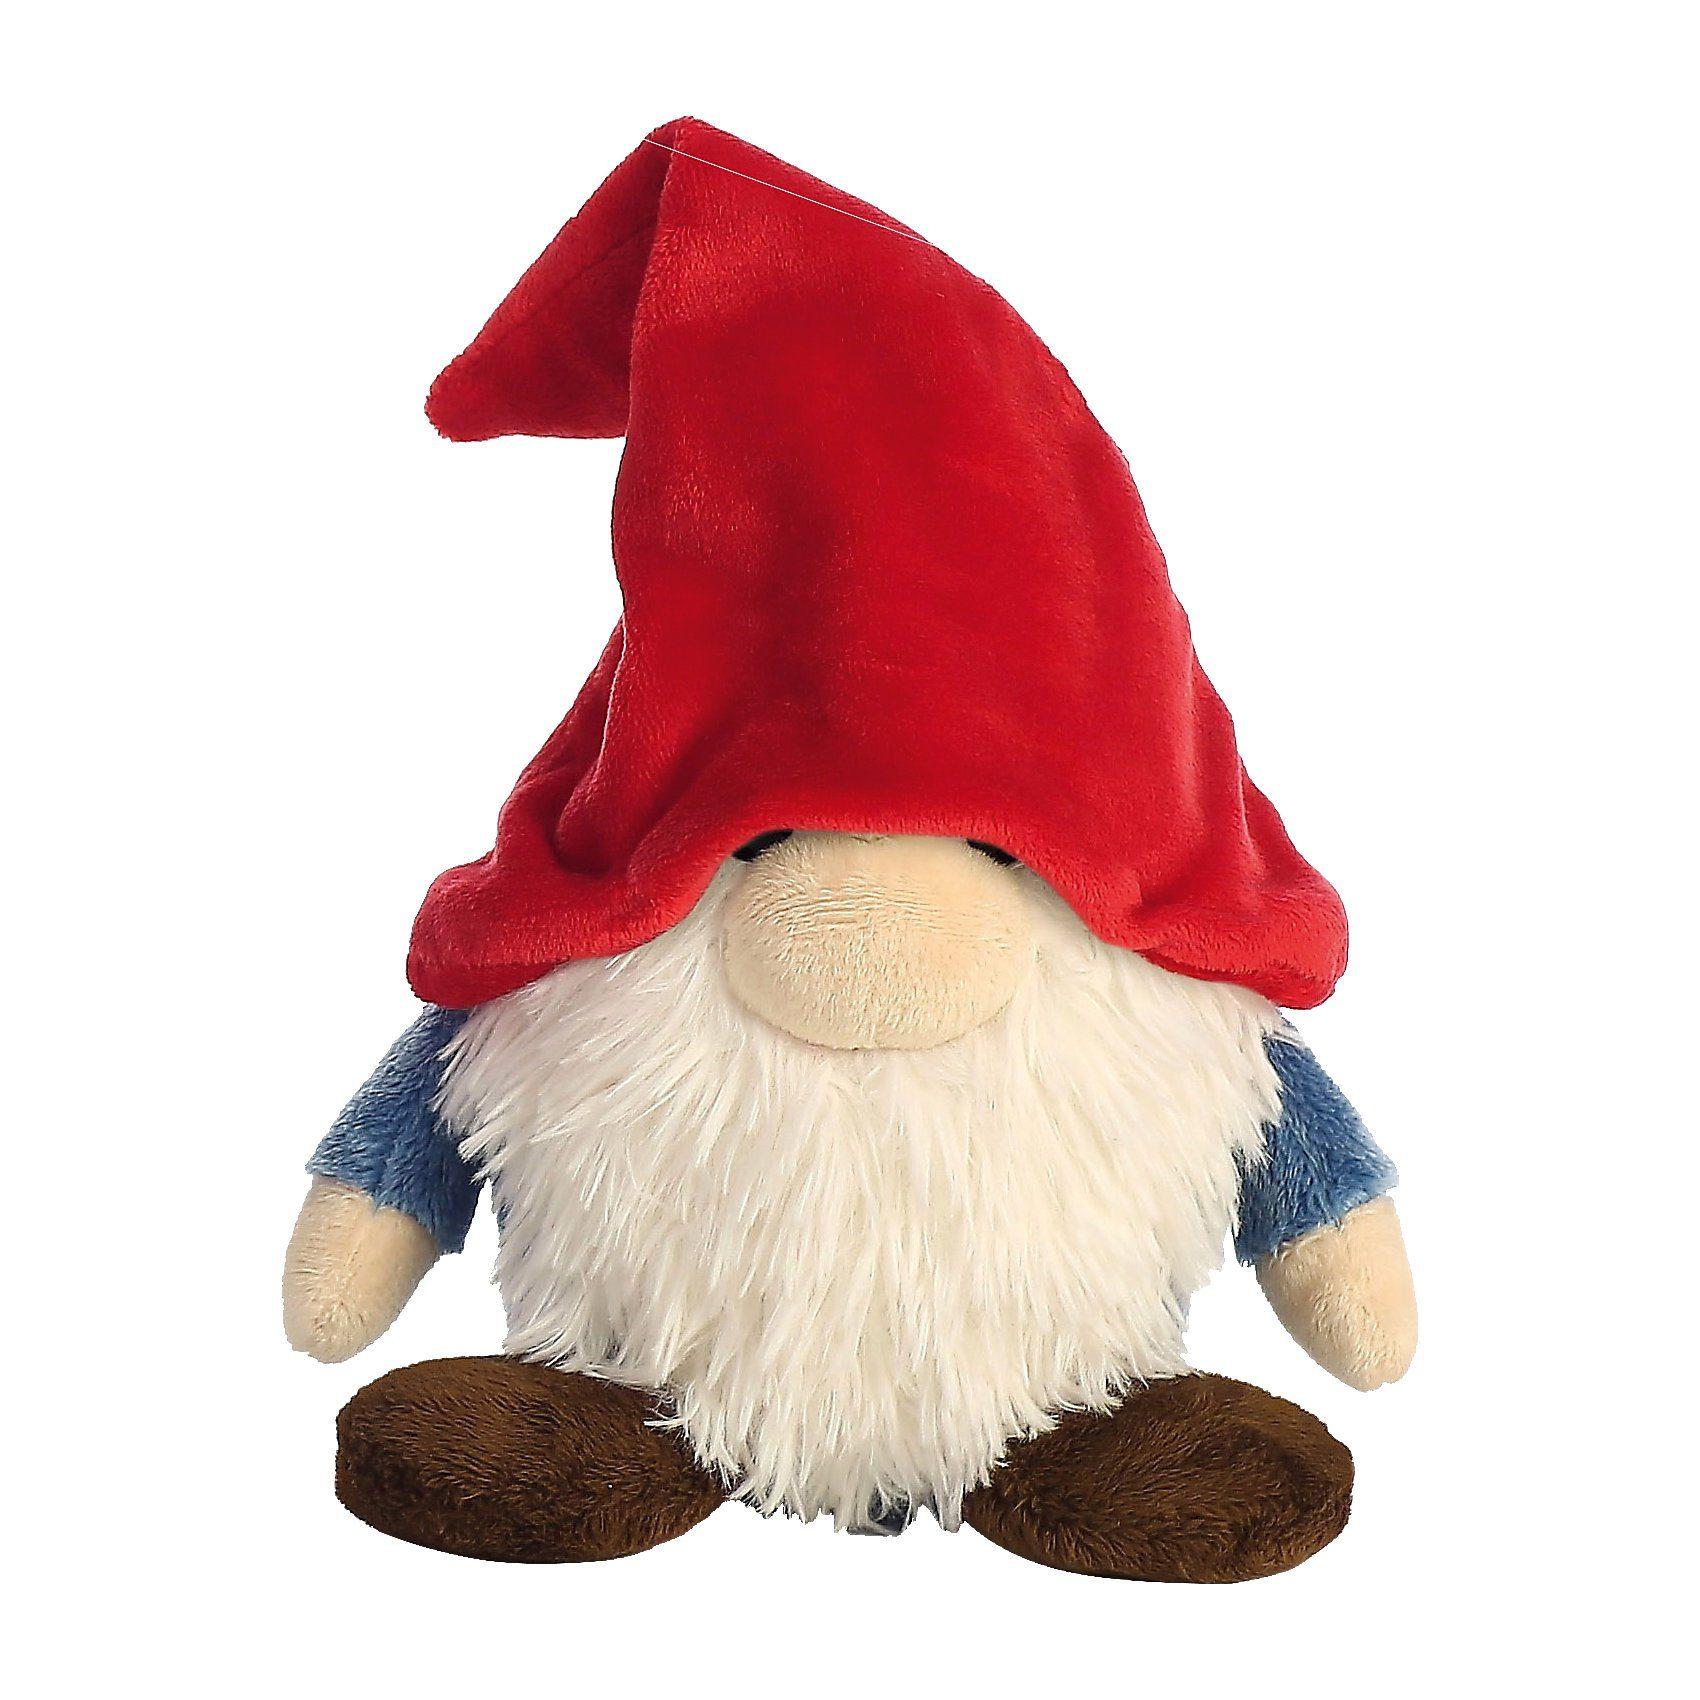 Zwerg roter Hut, 19cm